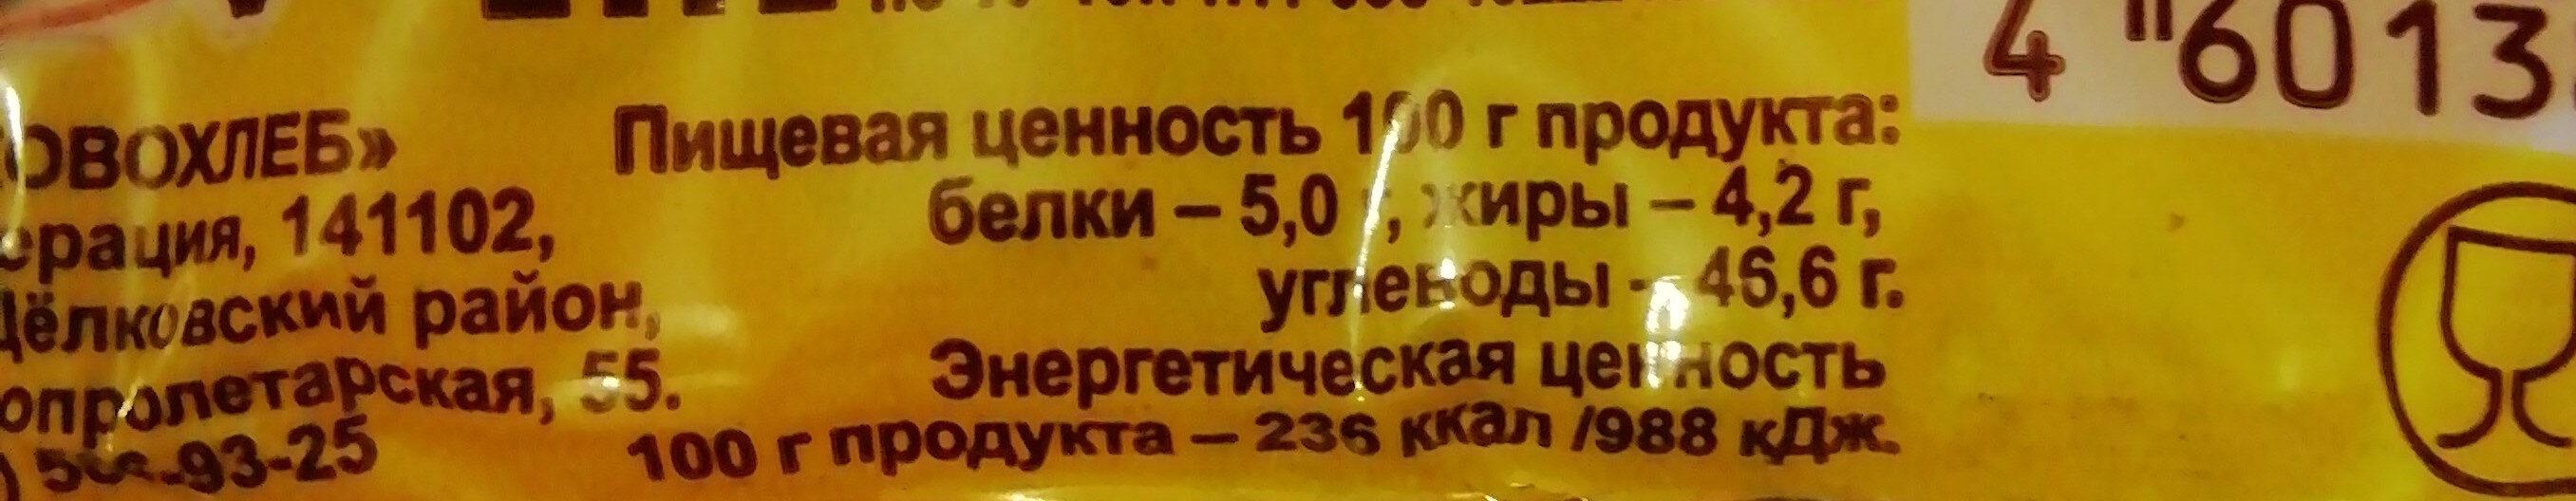 парижская бриошь - Пищевая и энергетическая ценность - ru